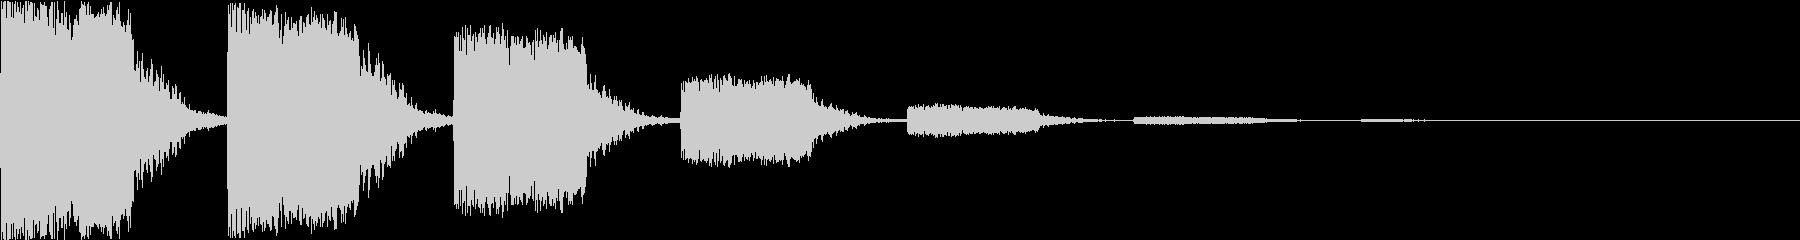 キュイーン:レトロなワープ音・瞬間移動eの未再生の波形